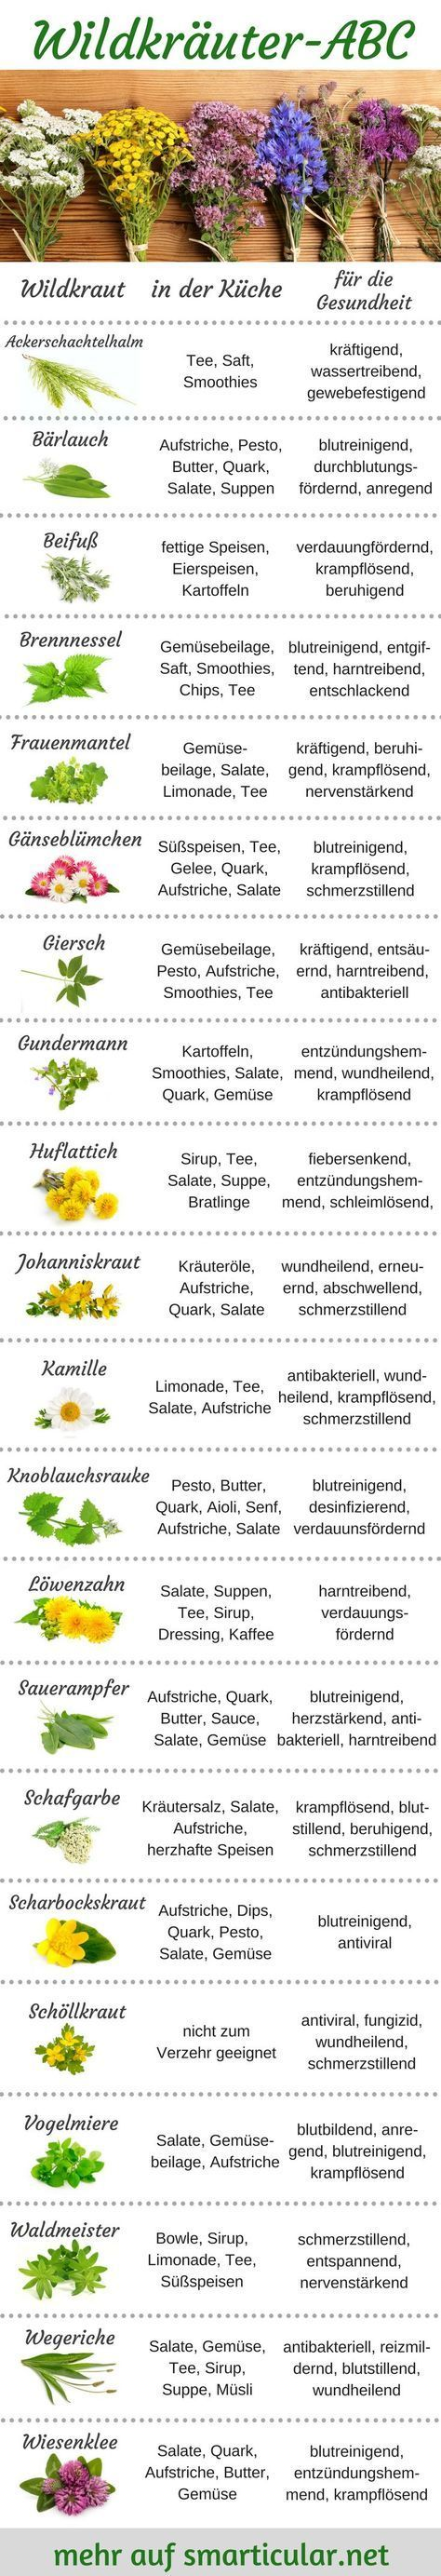 Wildkräuter-ABC: Pflanzen für Küche und Gesundheit vielseitig nutzen